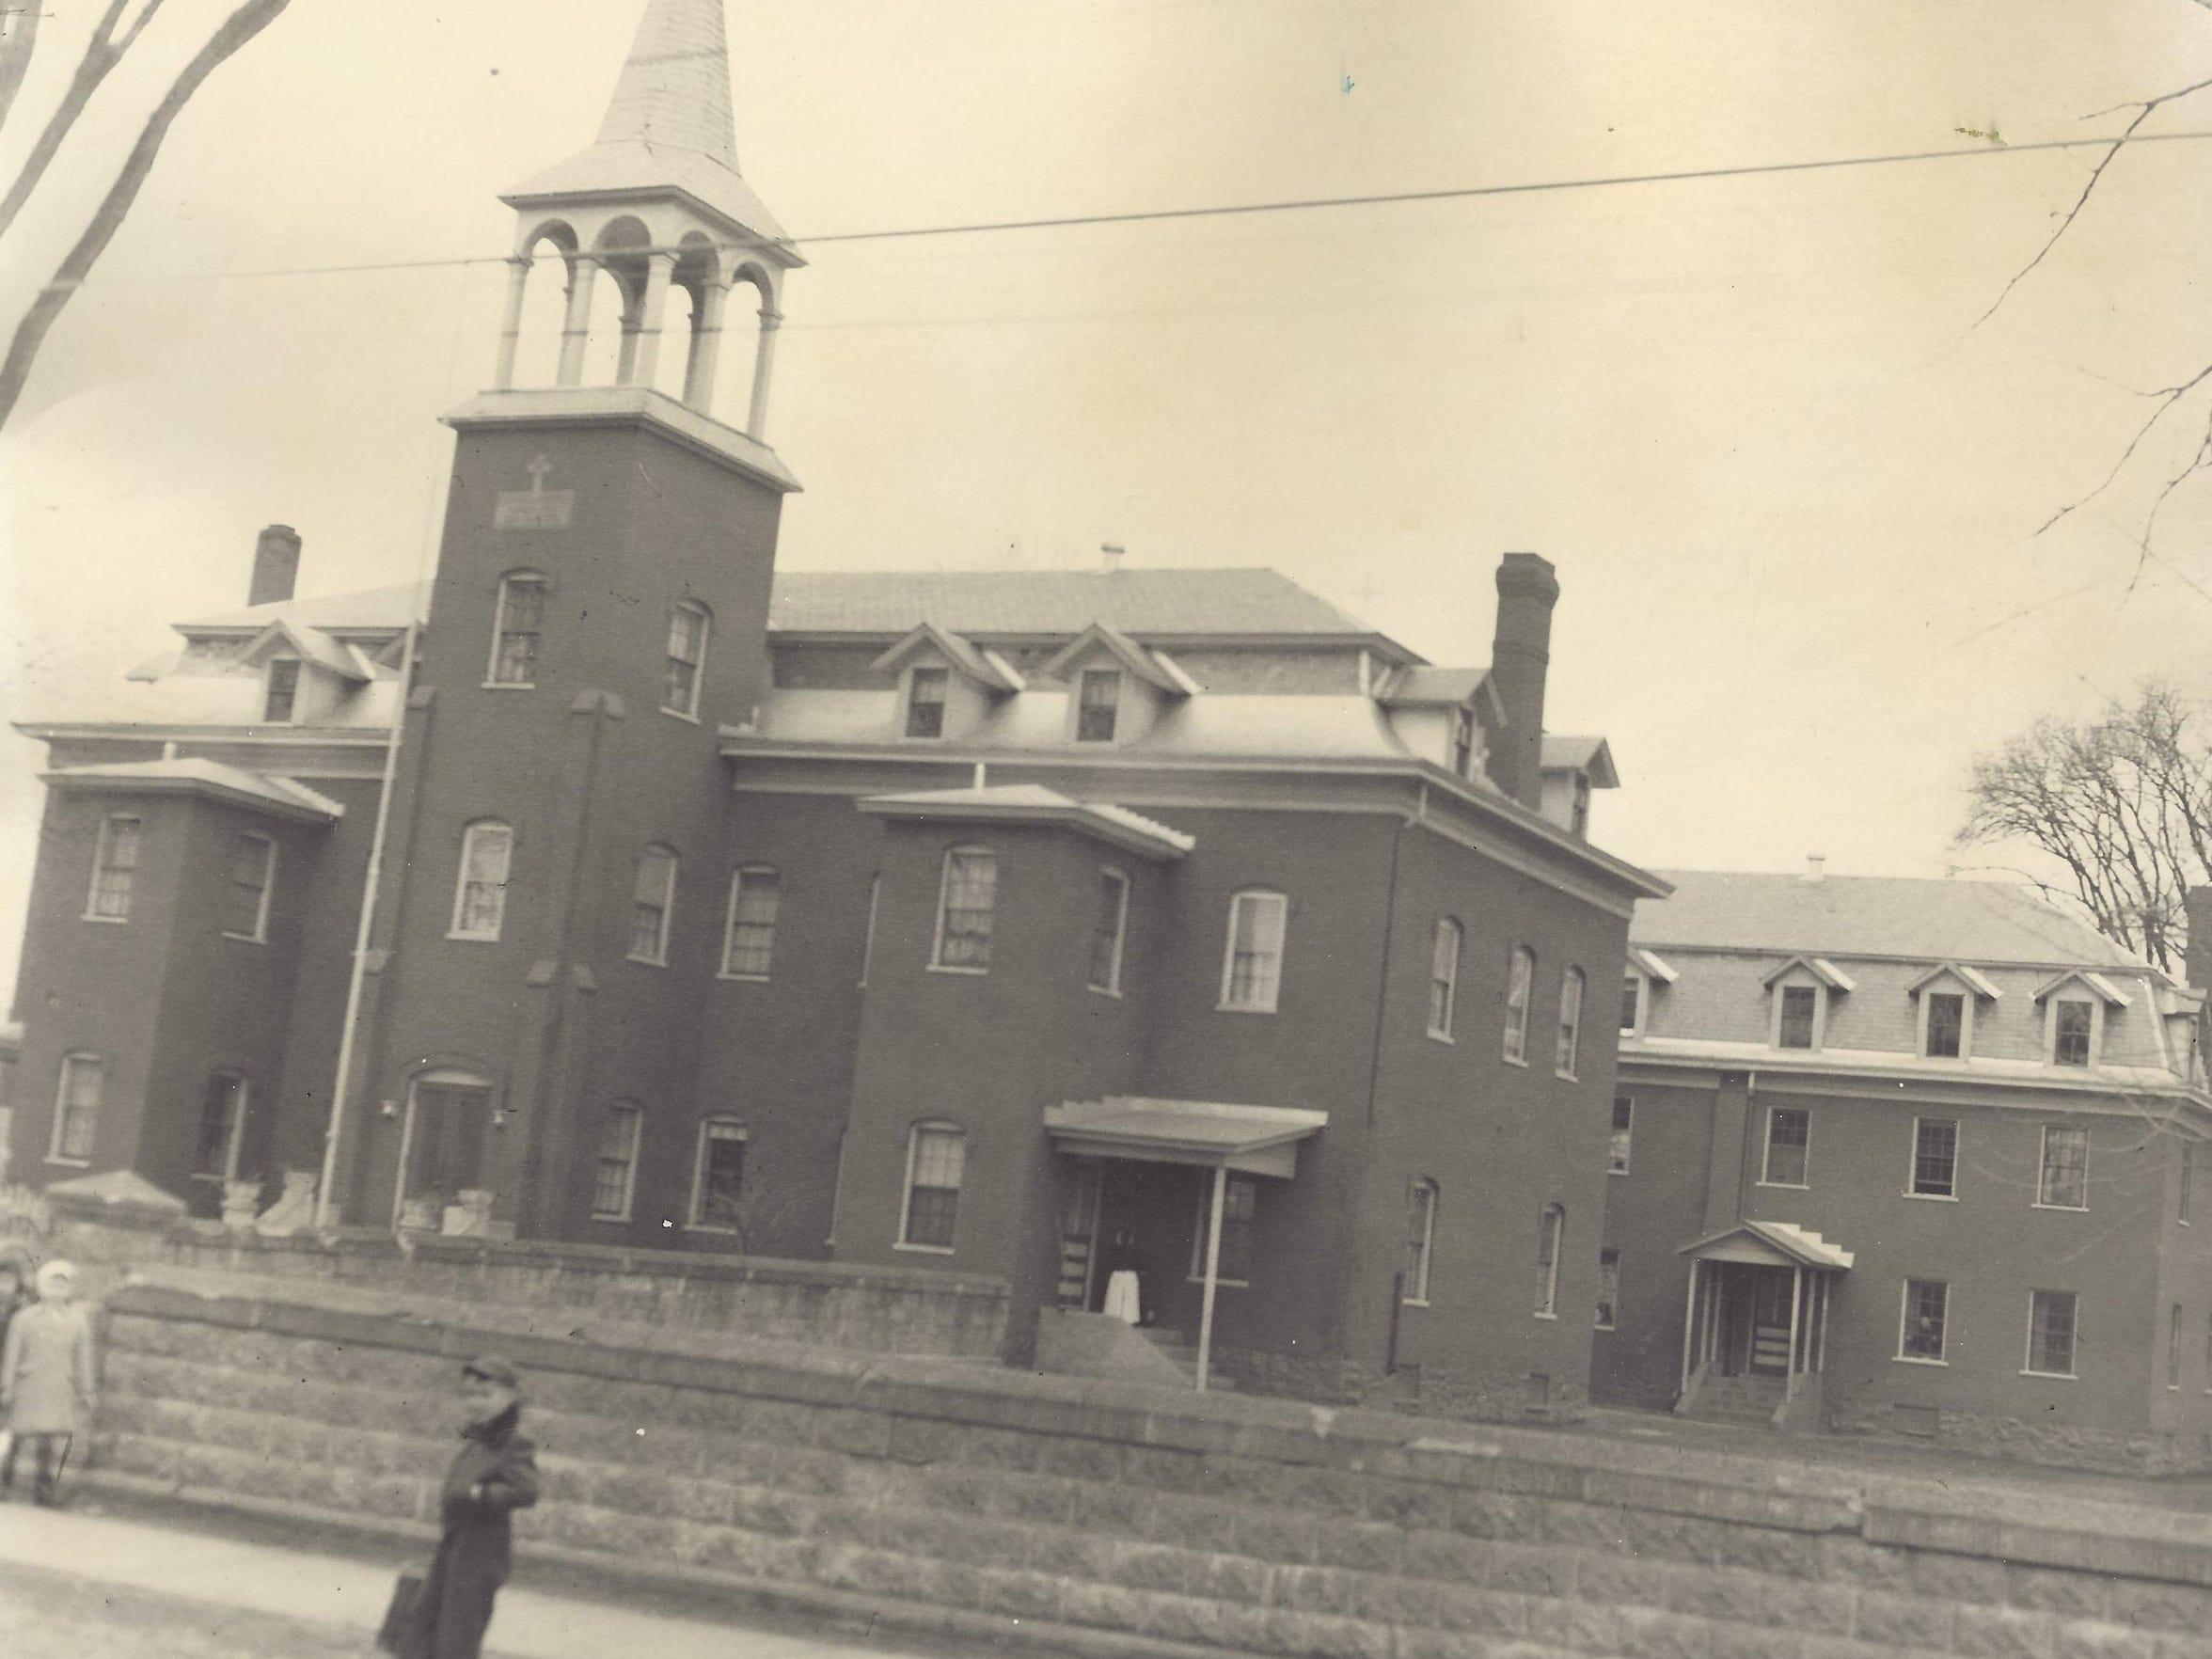 St Louis School